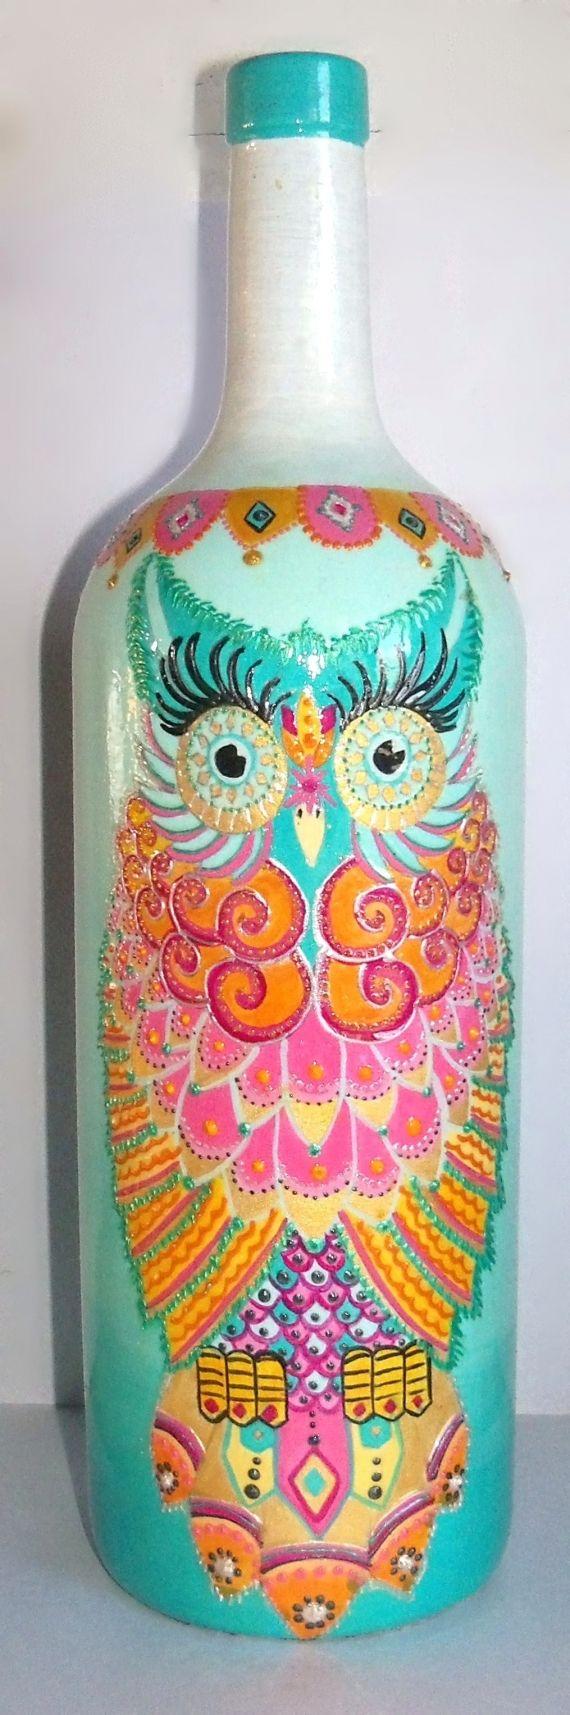 botella pintada a mano,con diseño de lechuza, detalles en pintura relieve y acabado brillante